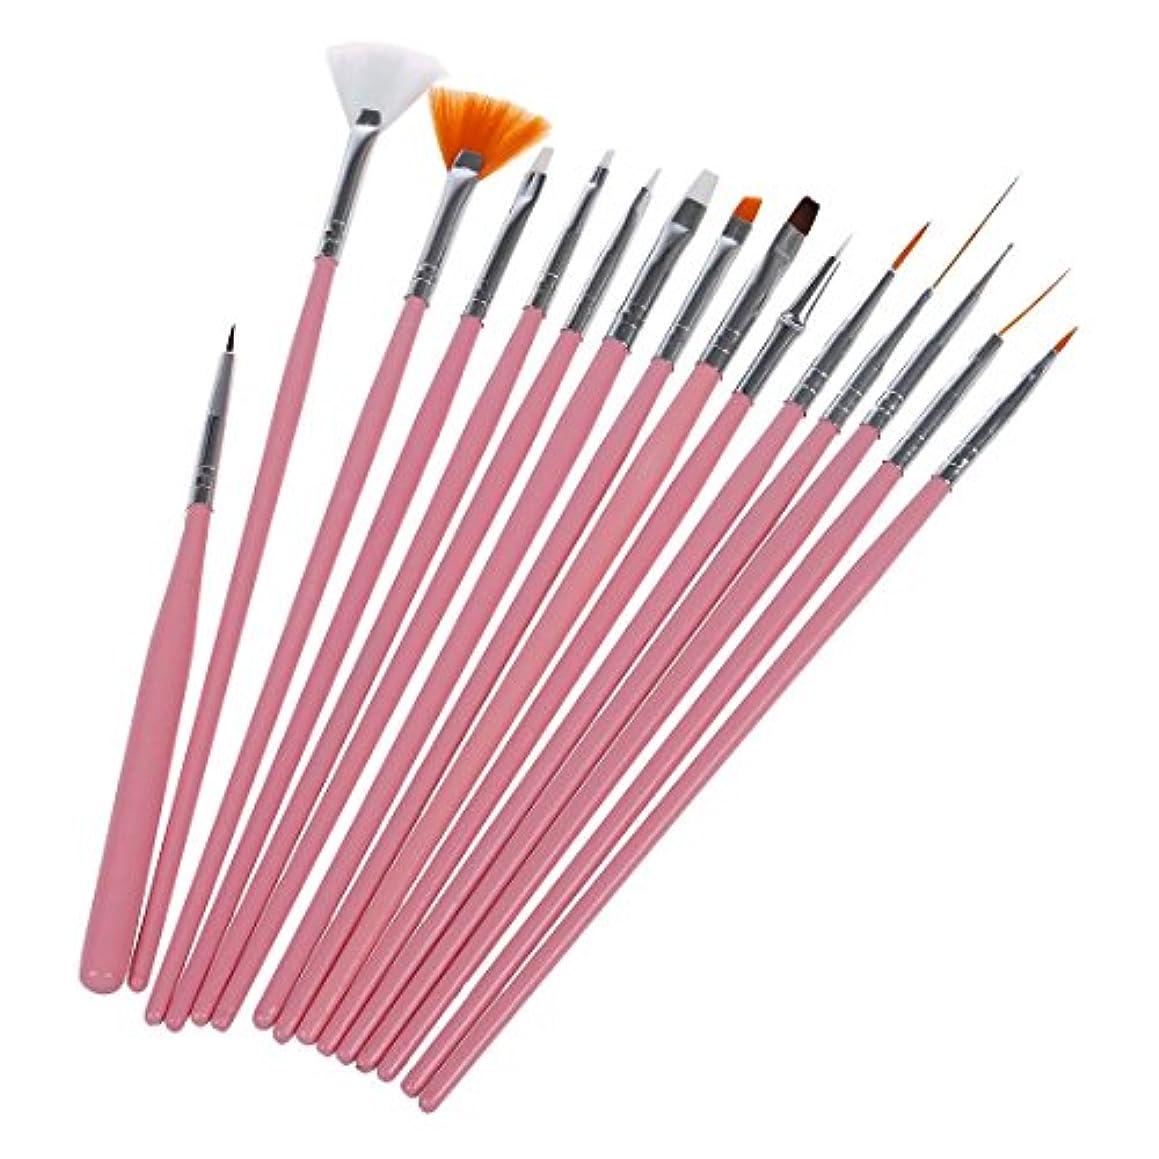 喜劇インターネット実用的Gaoominy 15Xネイルアートアクリル UVジェル 設計ブラシセット ペインティングペン チップツールキット ピンク